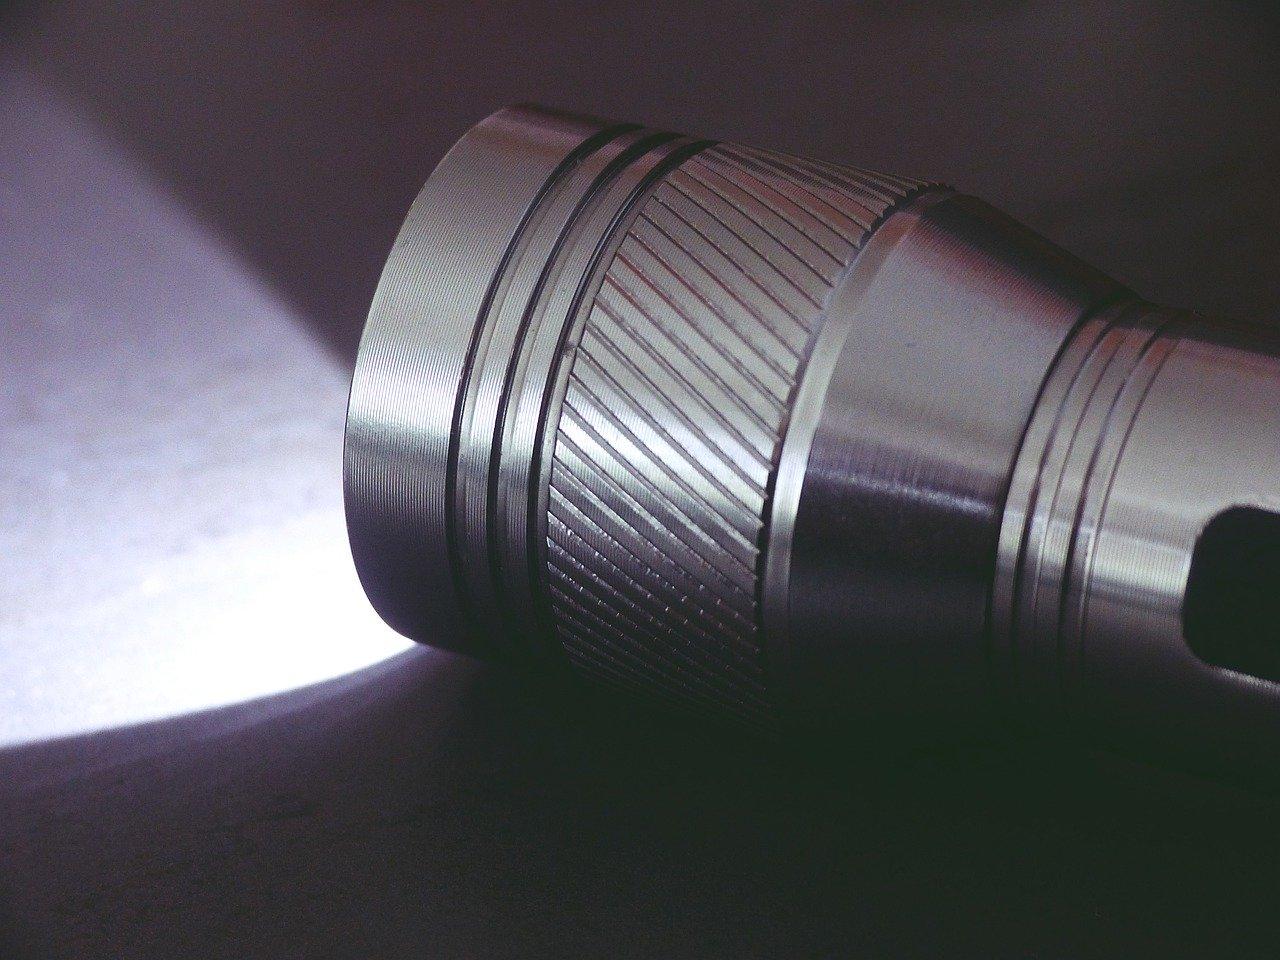 Dynamo Taschenlampe Test